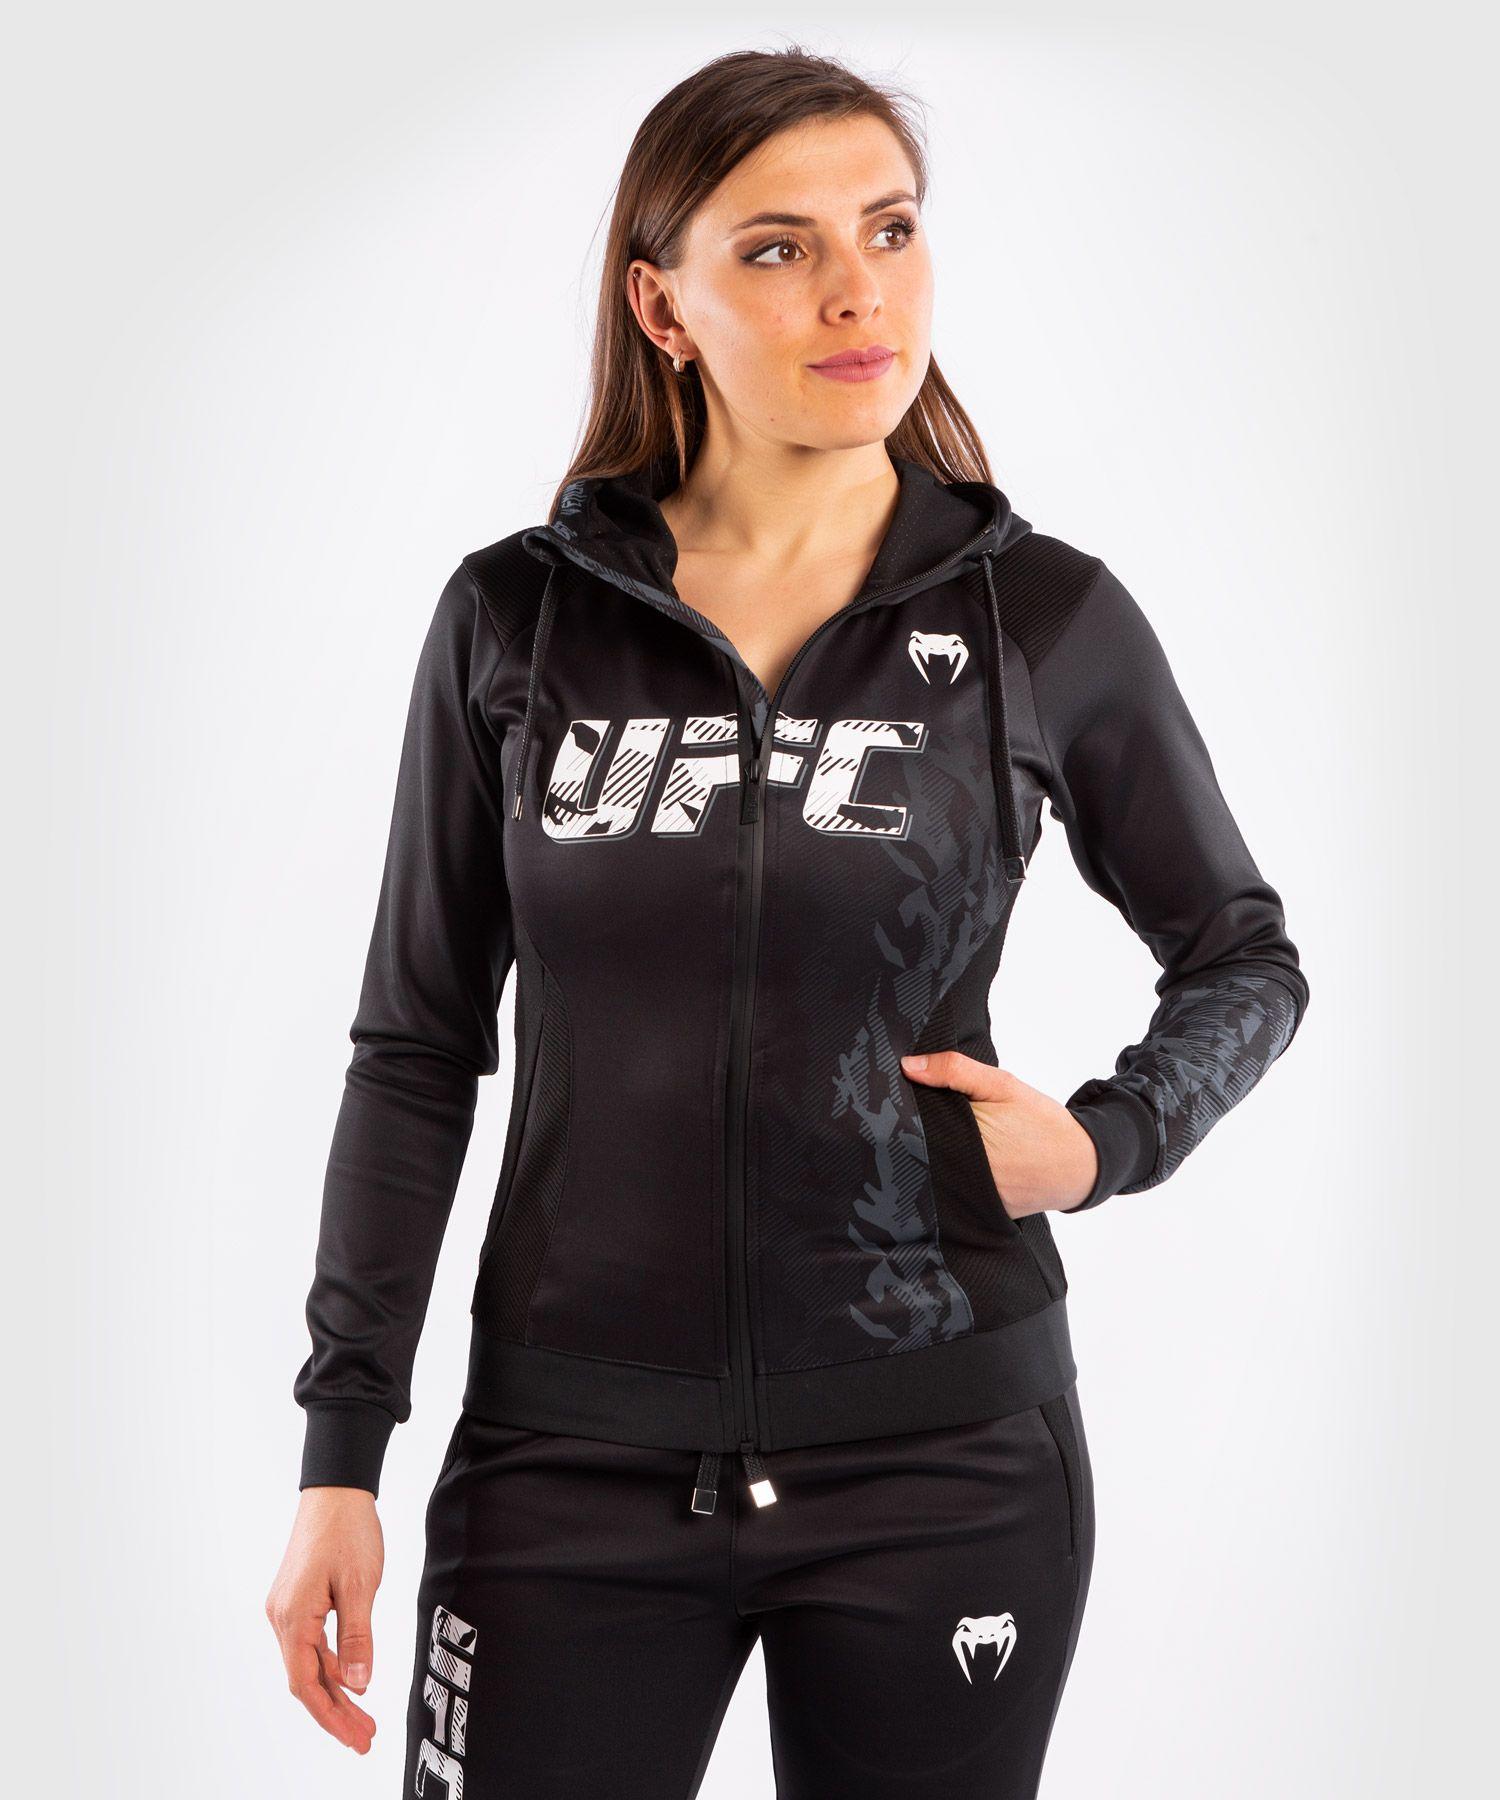 UFC Venum Authentic Fight Week Women's Zip Hoodie - Black